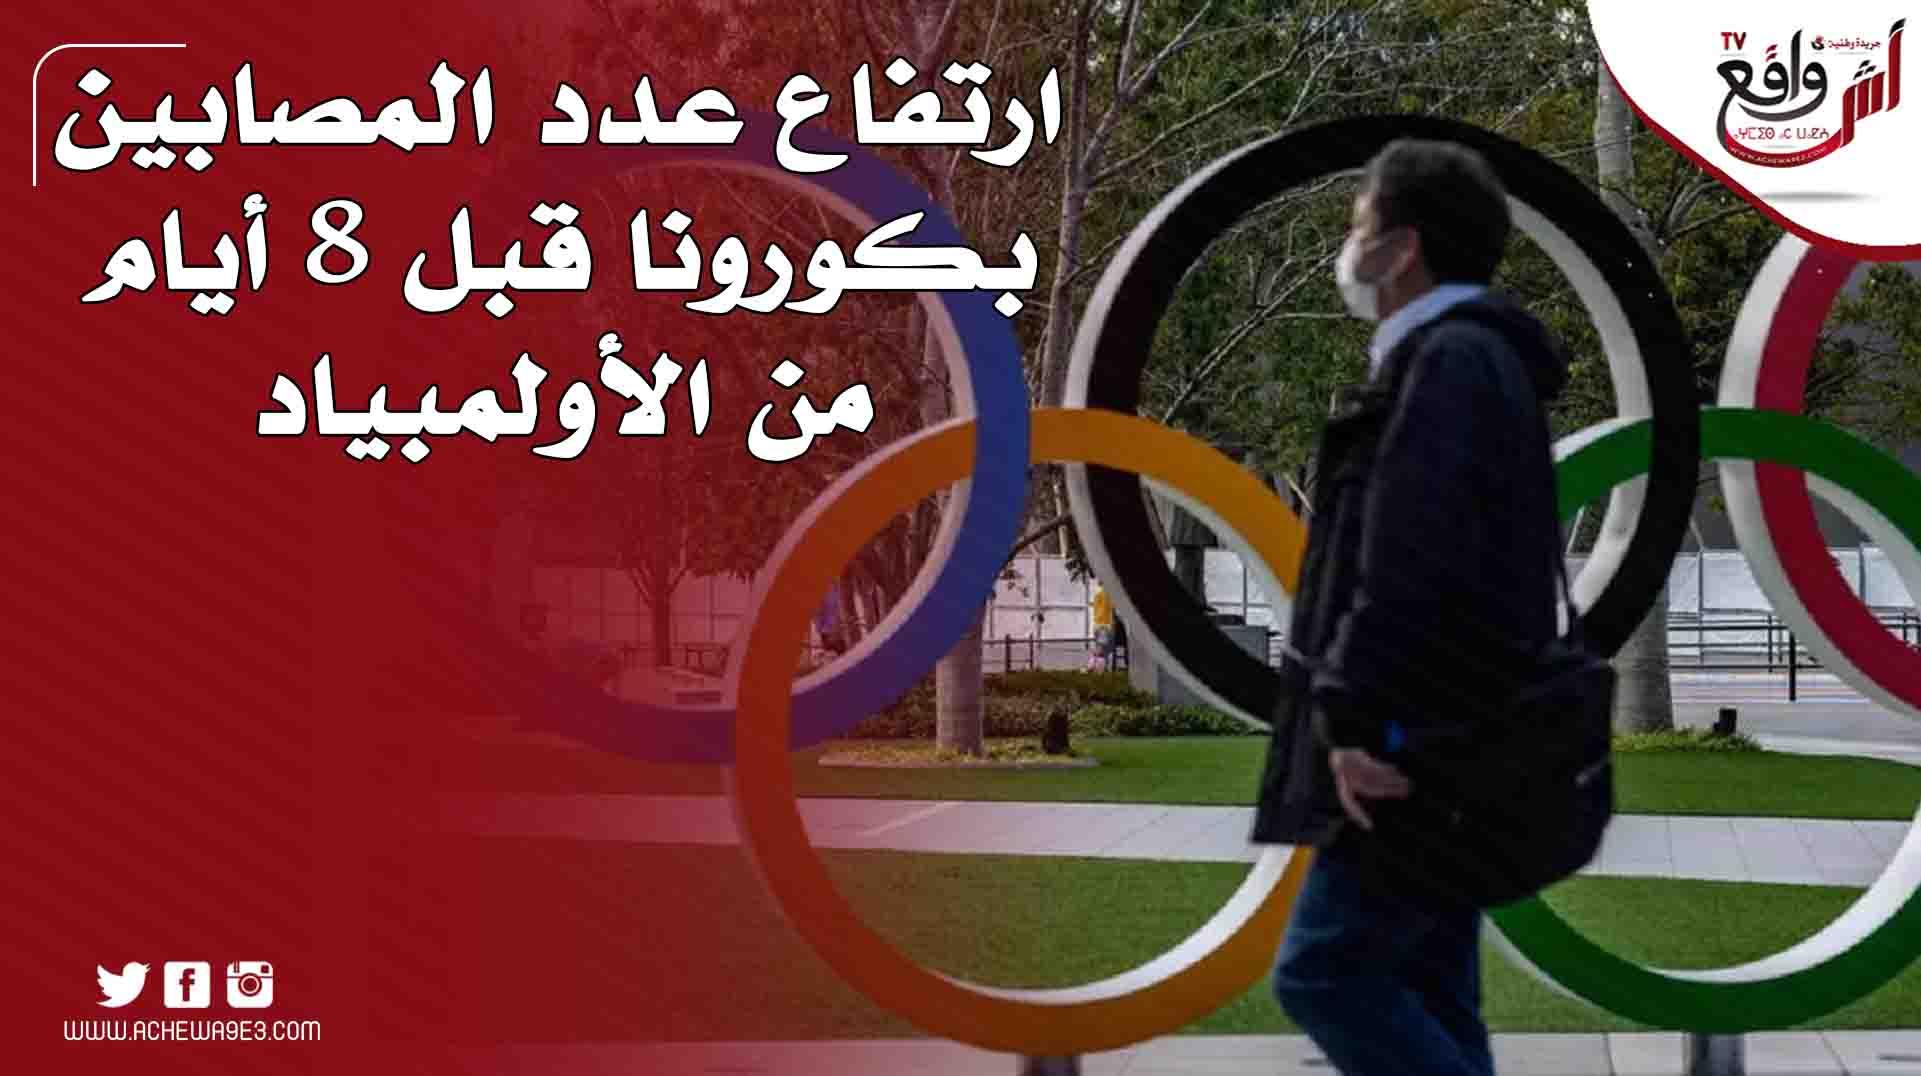 ارتفاع عدد المصابين بكورونا قبل 8 أيام من الأولمبياد